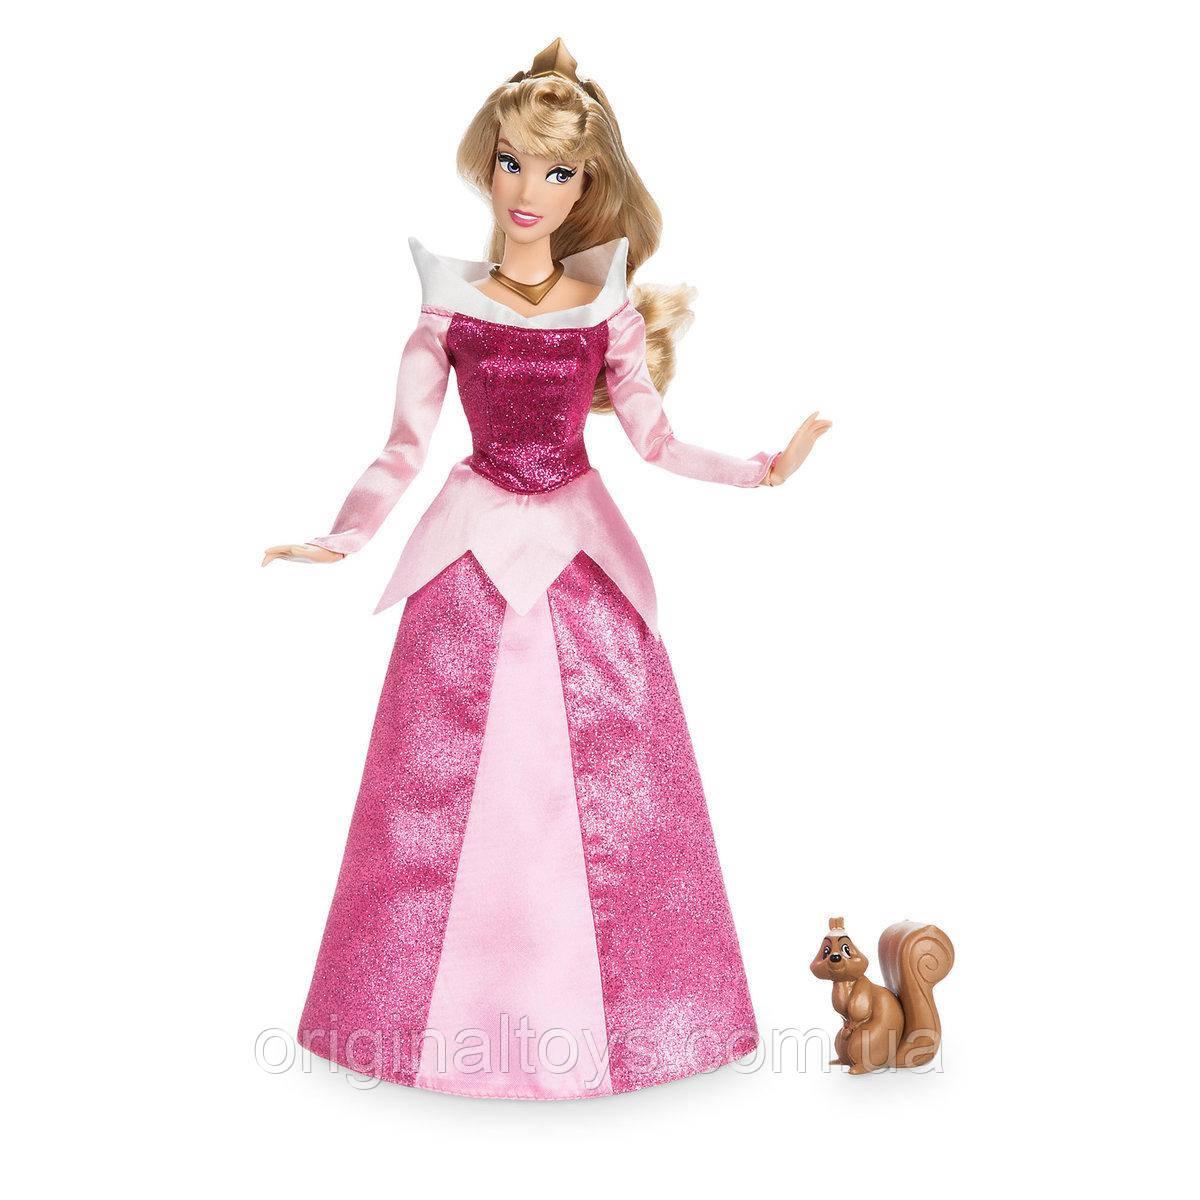 Купить Куклу Принцесса Аврора Дисней в Днепропетровске ...